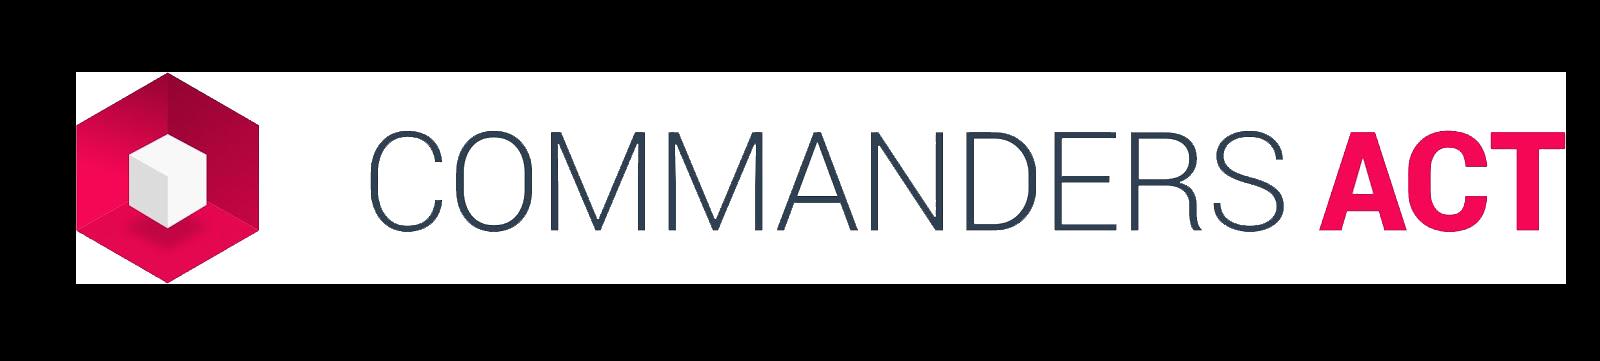 commanders-act